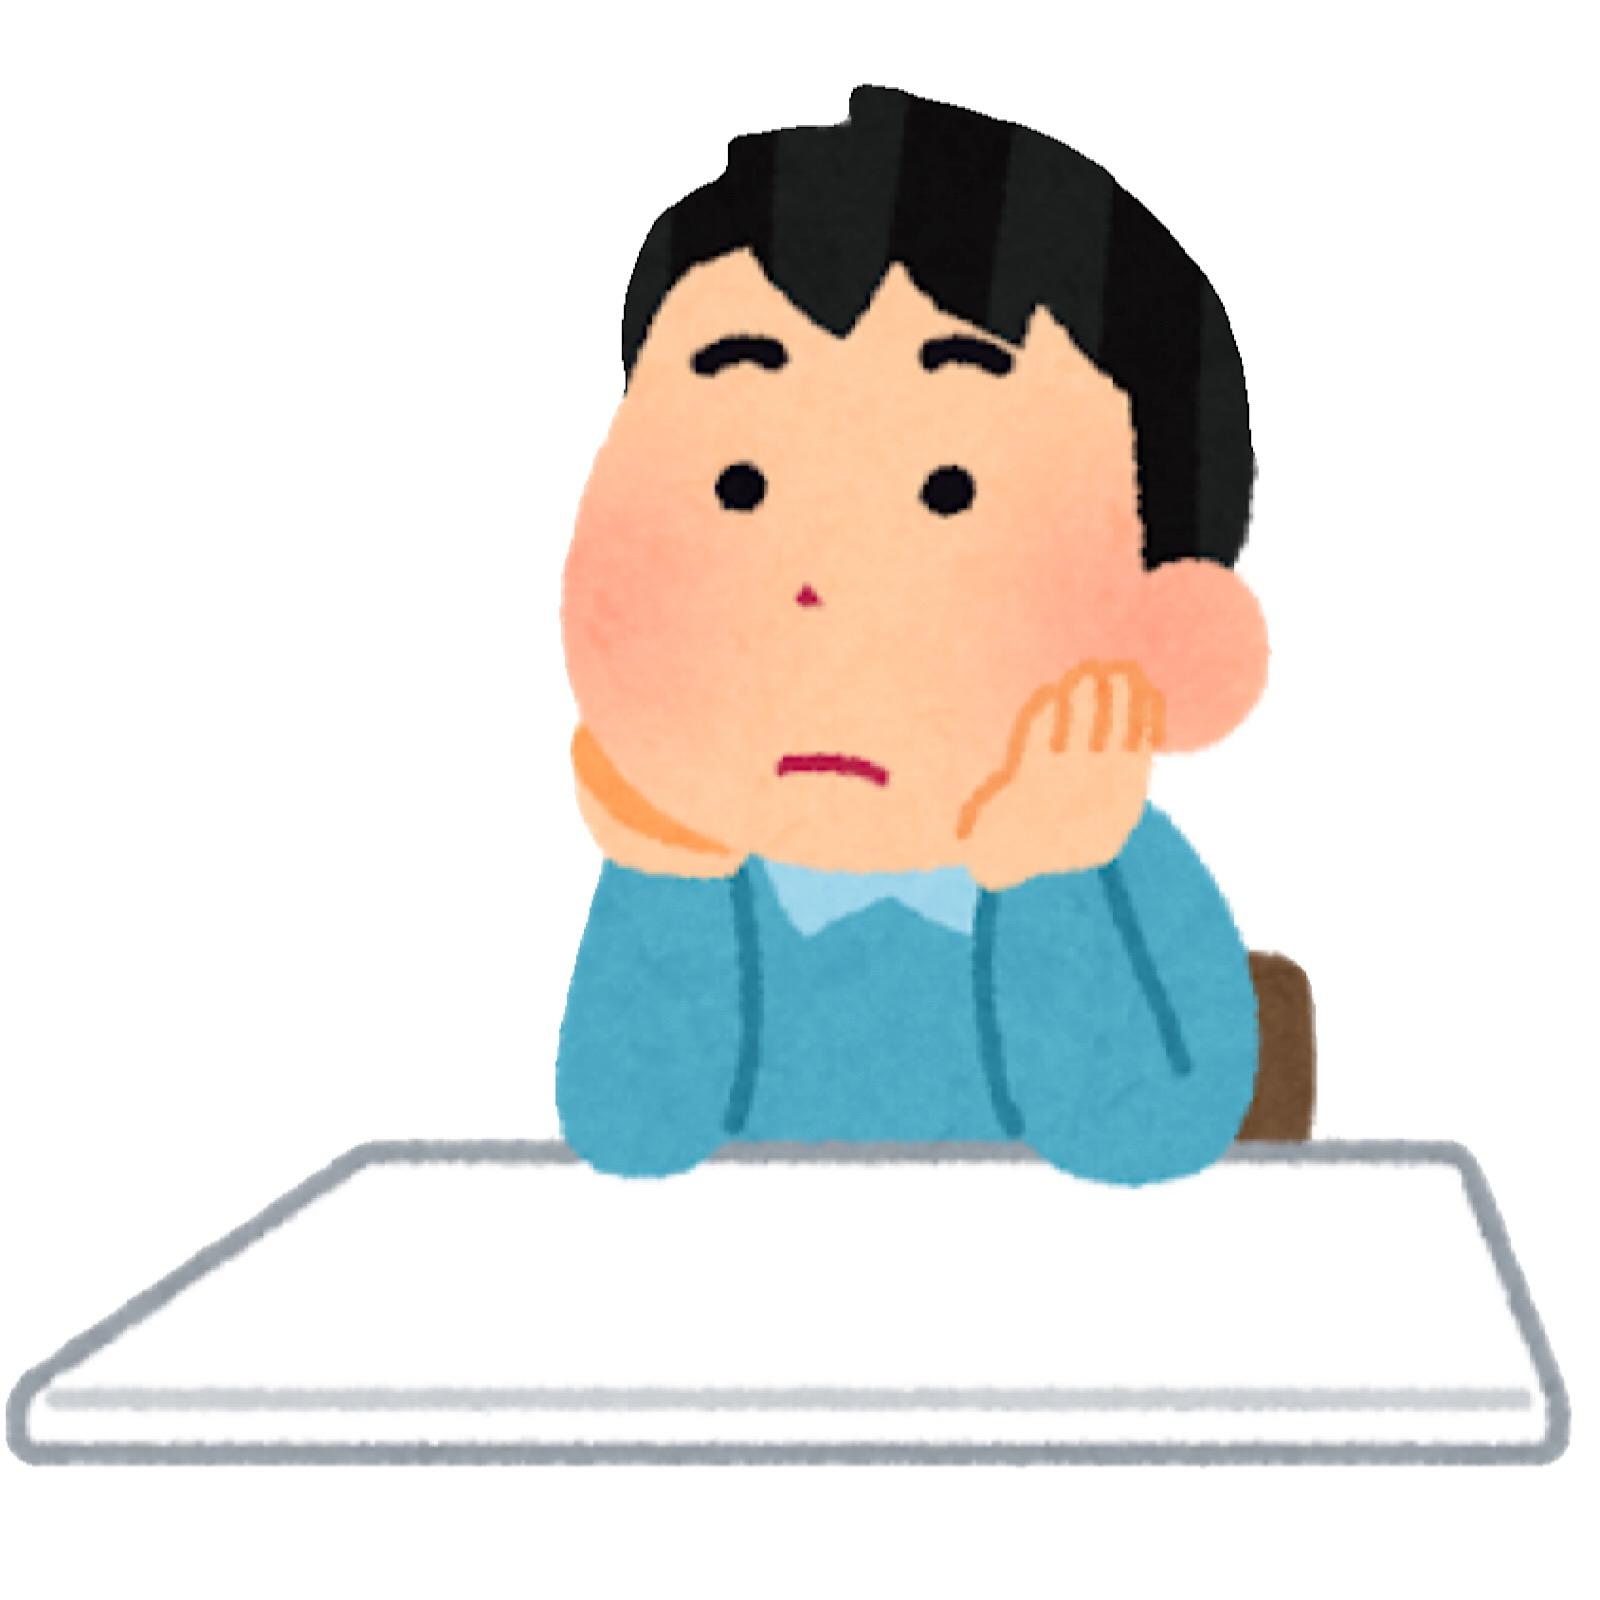 寝 てる 時 よだれ が 出る 原因 寝てる時によだれが出る原因は身近なところにその対策も詳しく解説